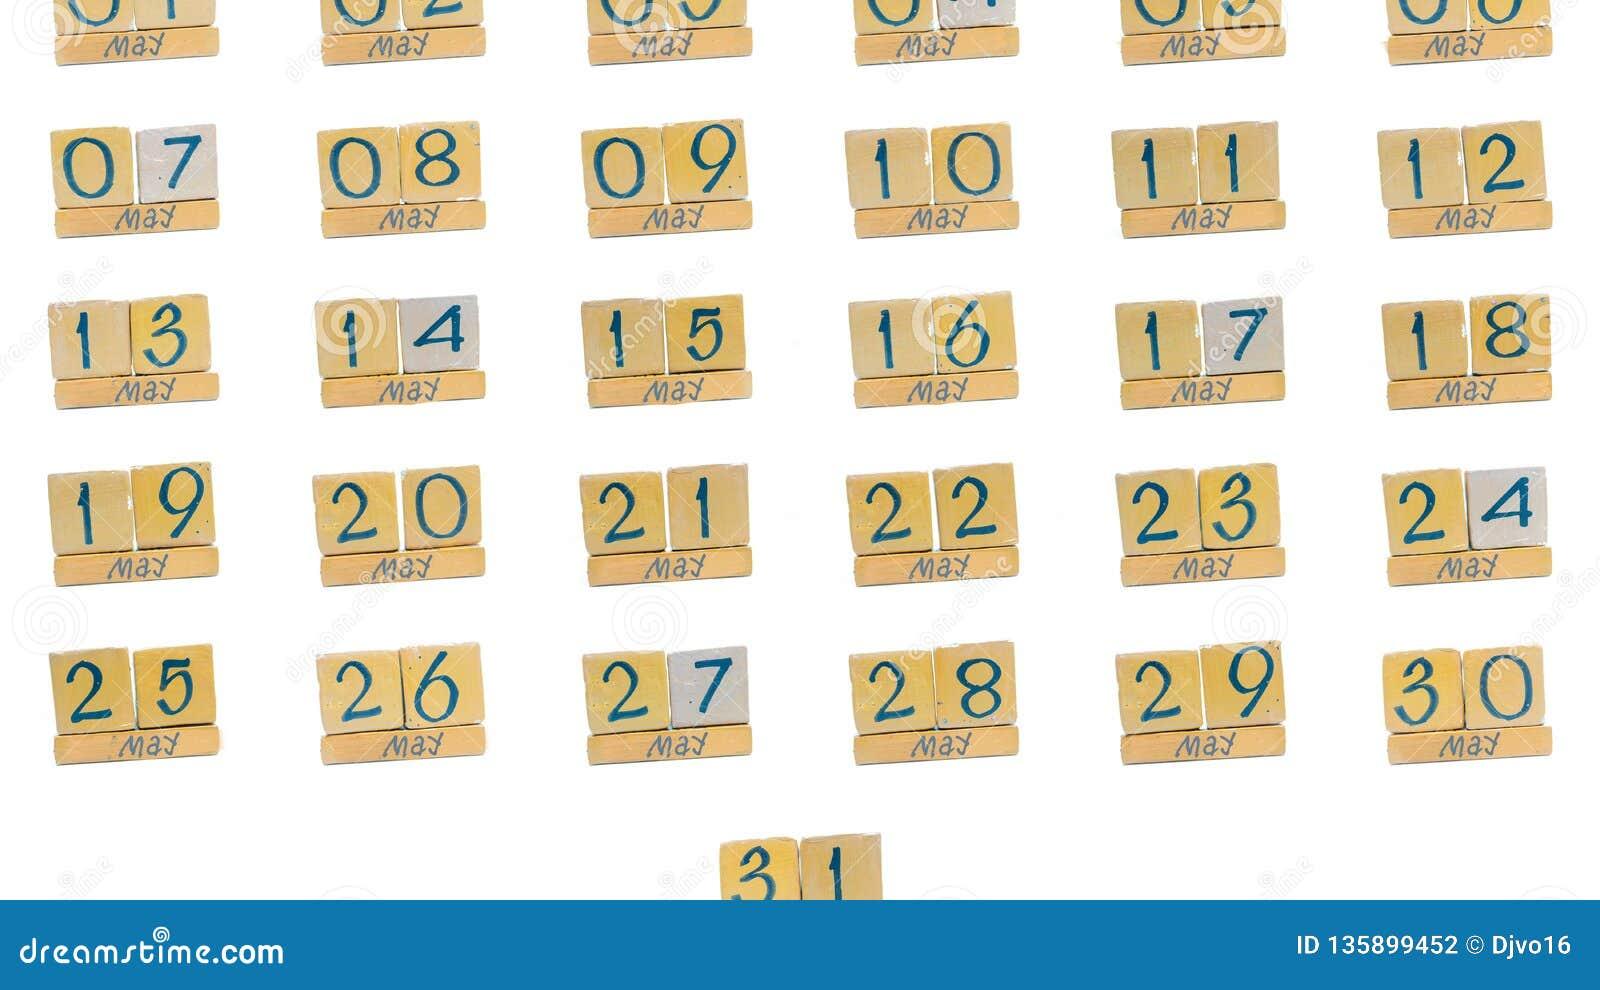 ημερολόγιο μπορέστε πλήρης μήνας μέρα με τη μέρα όλες οι ημερομηνίες του μήνα στη διαταγή Χειροποίητο ξύλινο ημερολόγιο κύβων